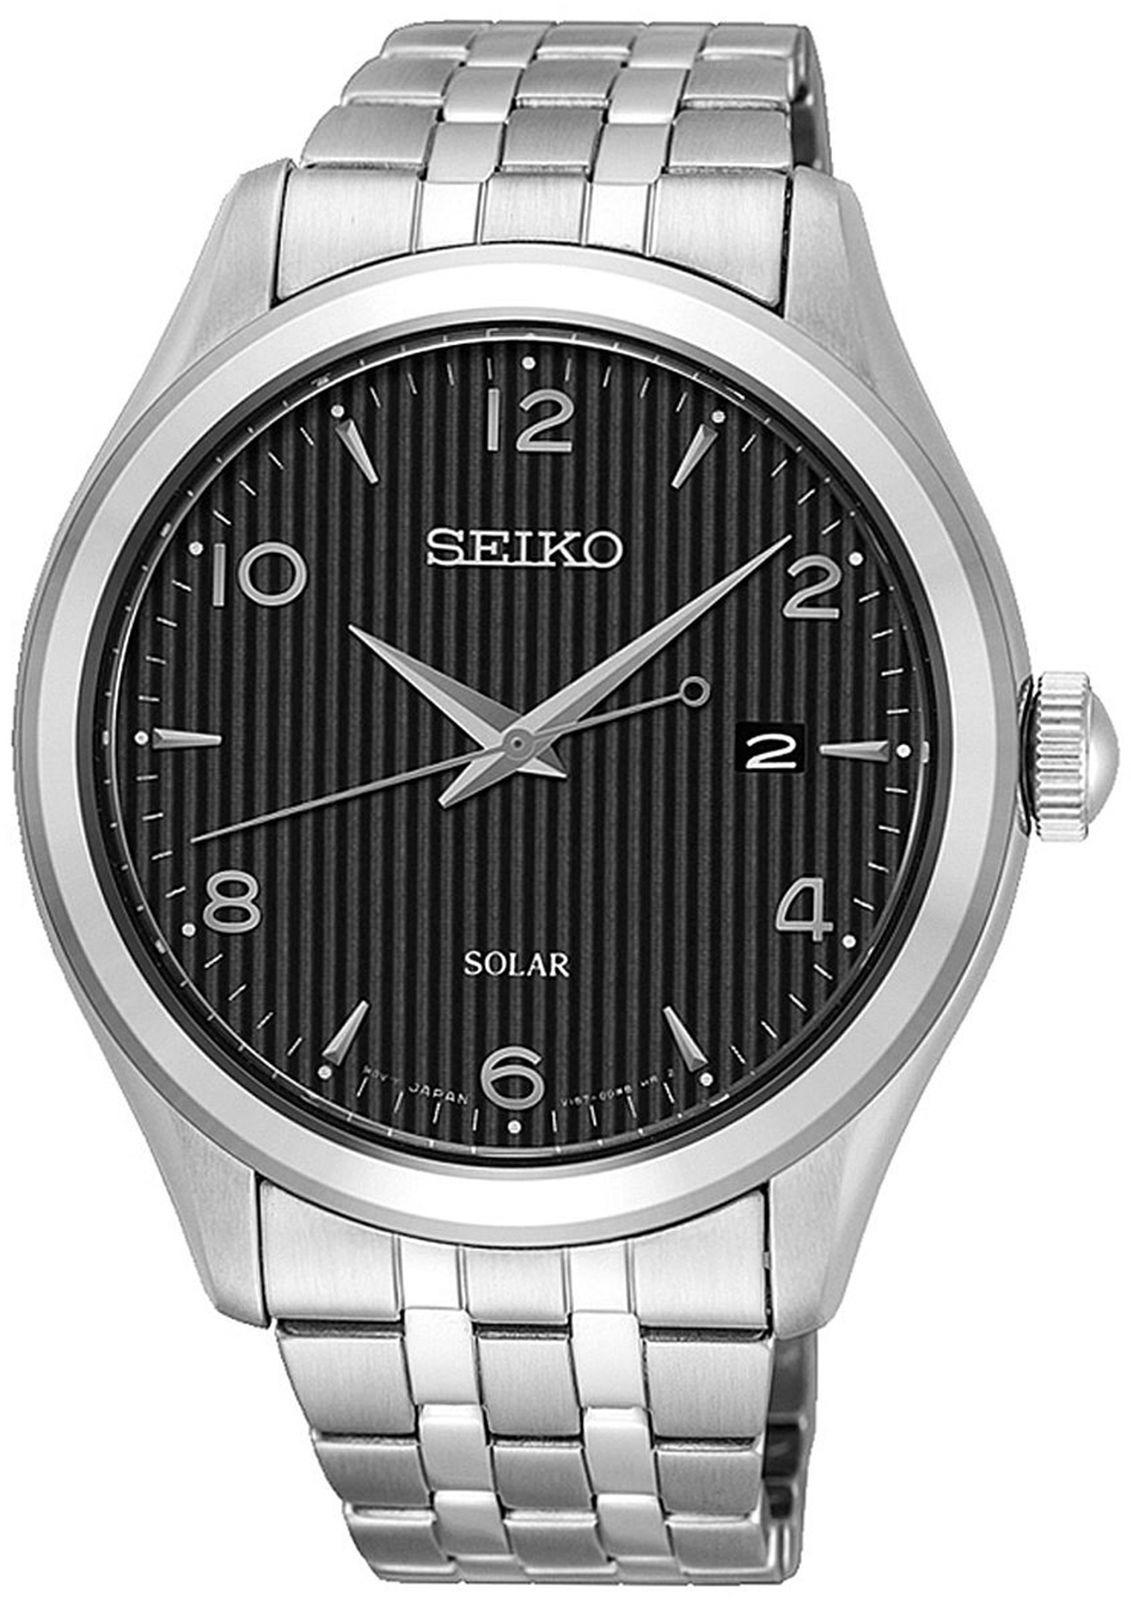 цена Наручные часы Seiko мужские, серебристый онлайн в 2017 году